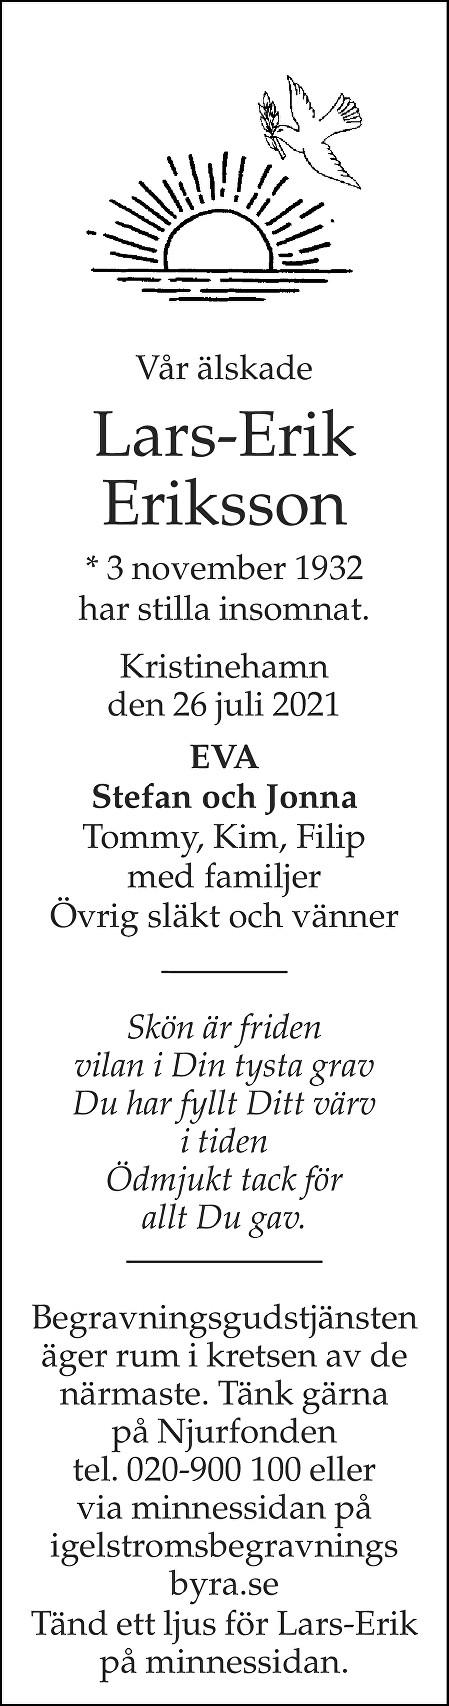 Lars-Erik Eriksson Death notice